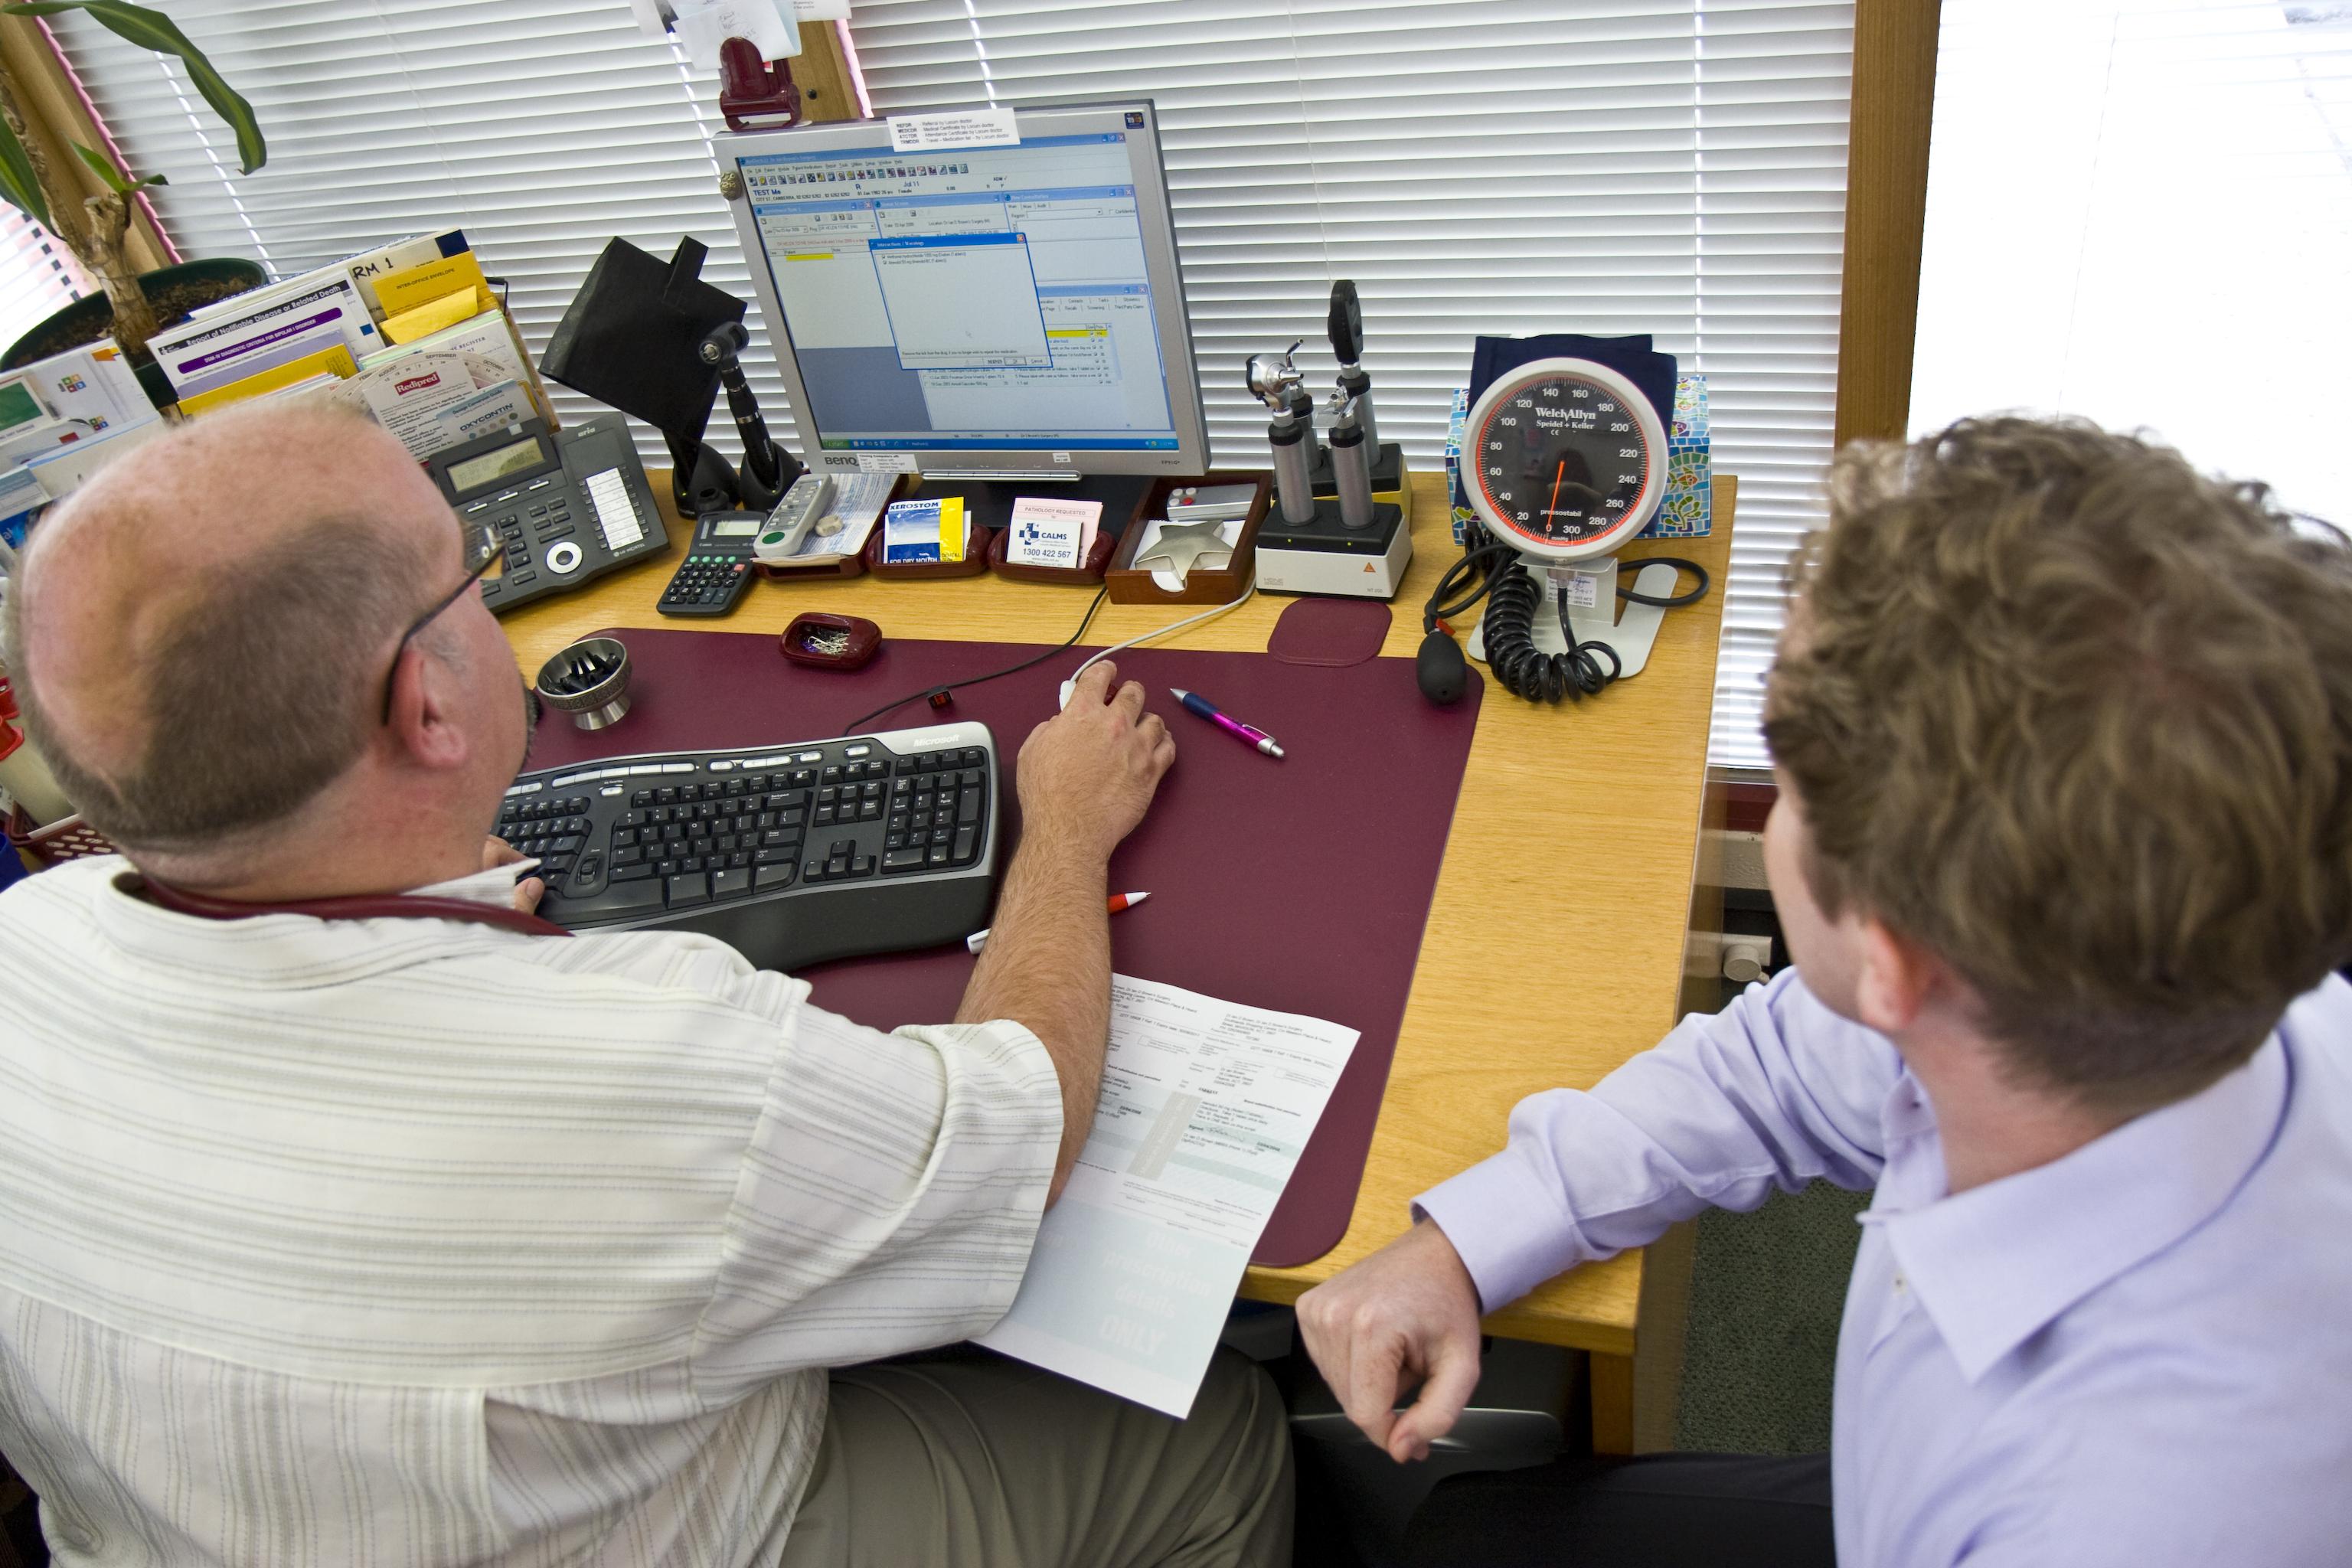 7712_gpusingcomputer.jpg